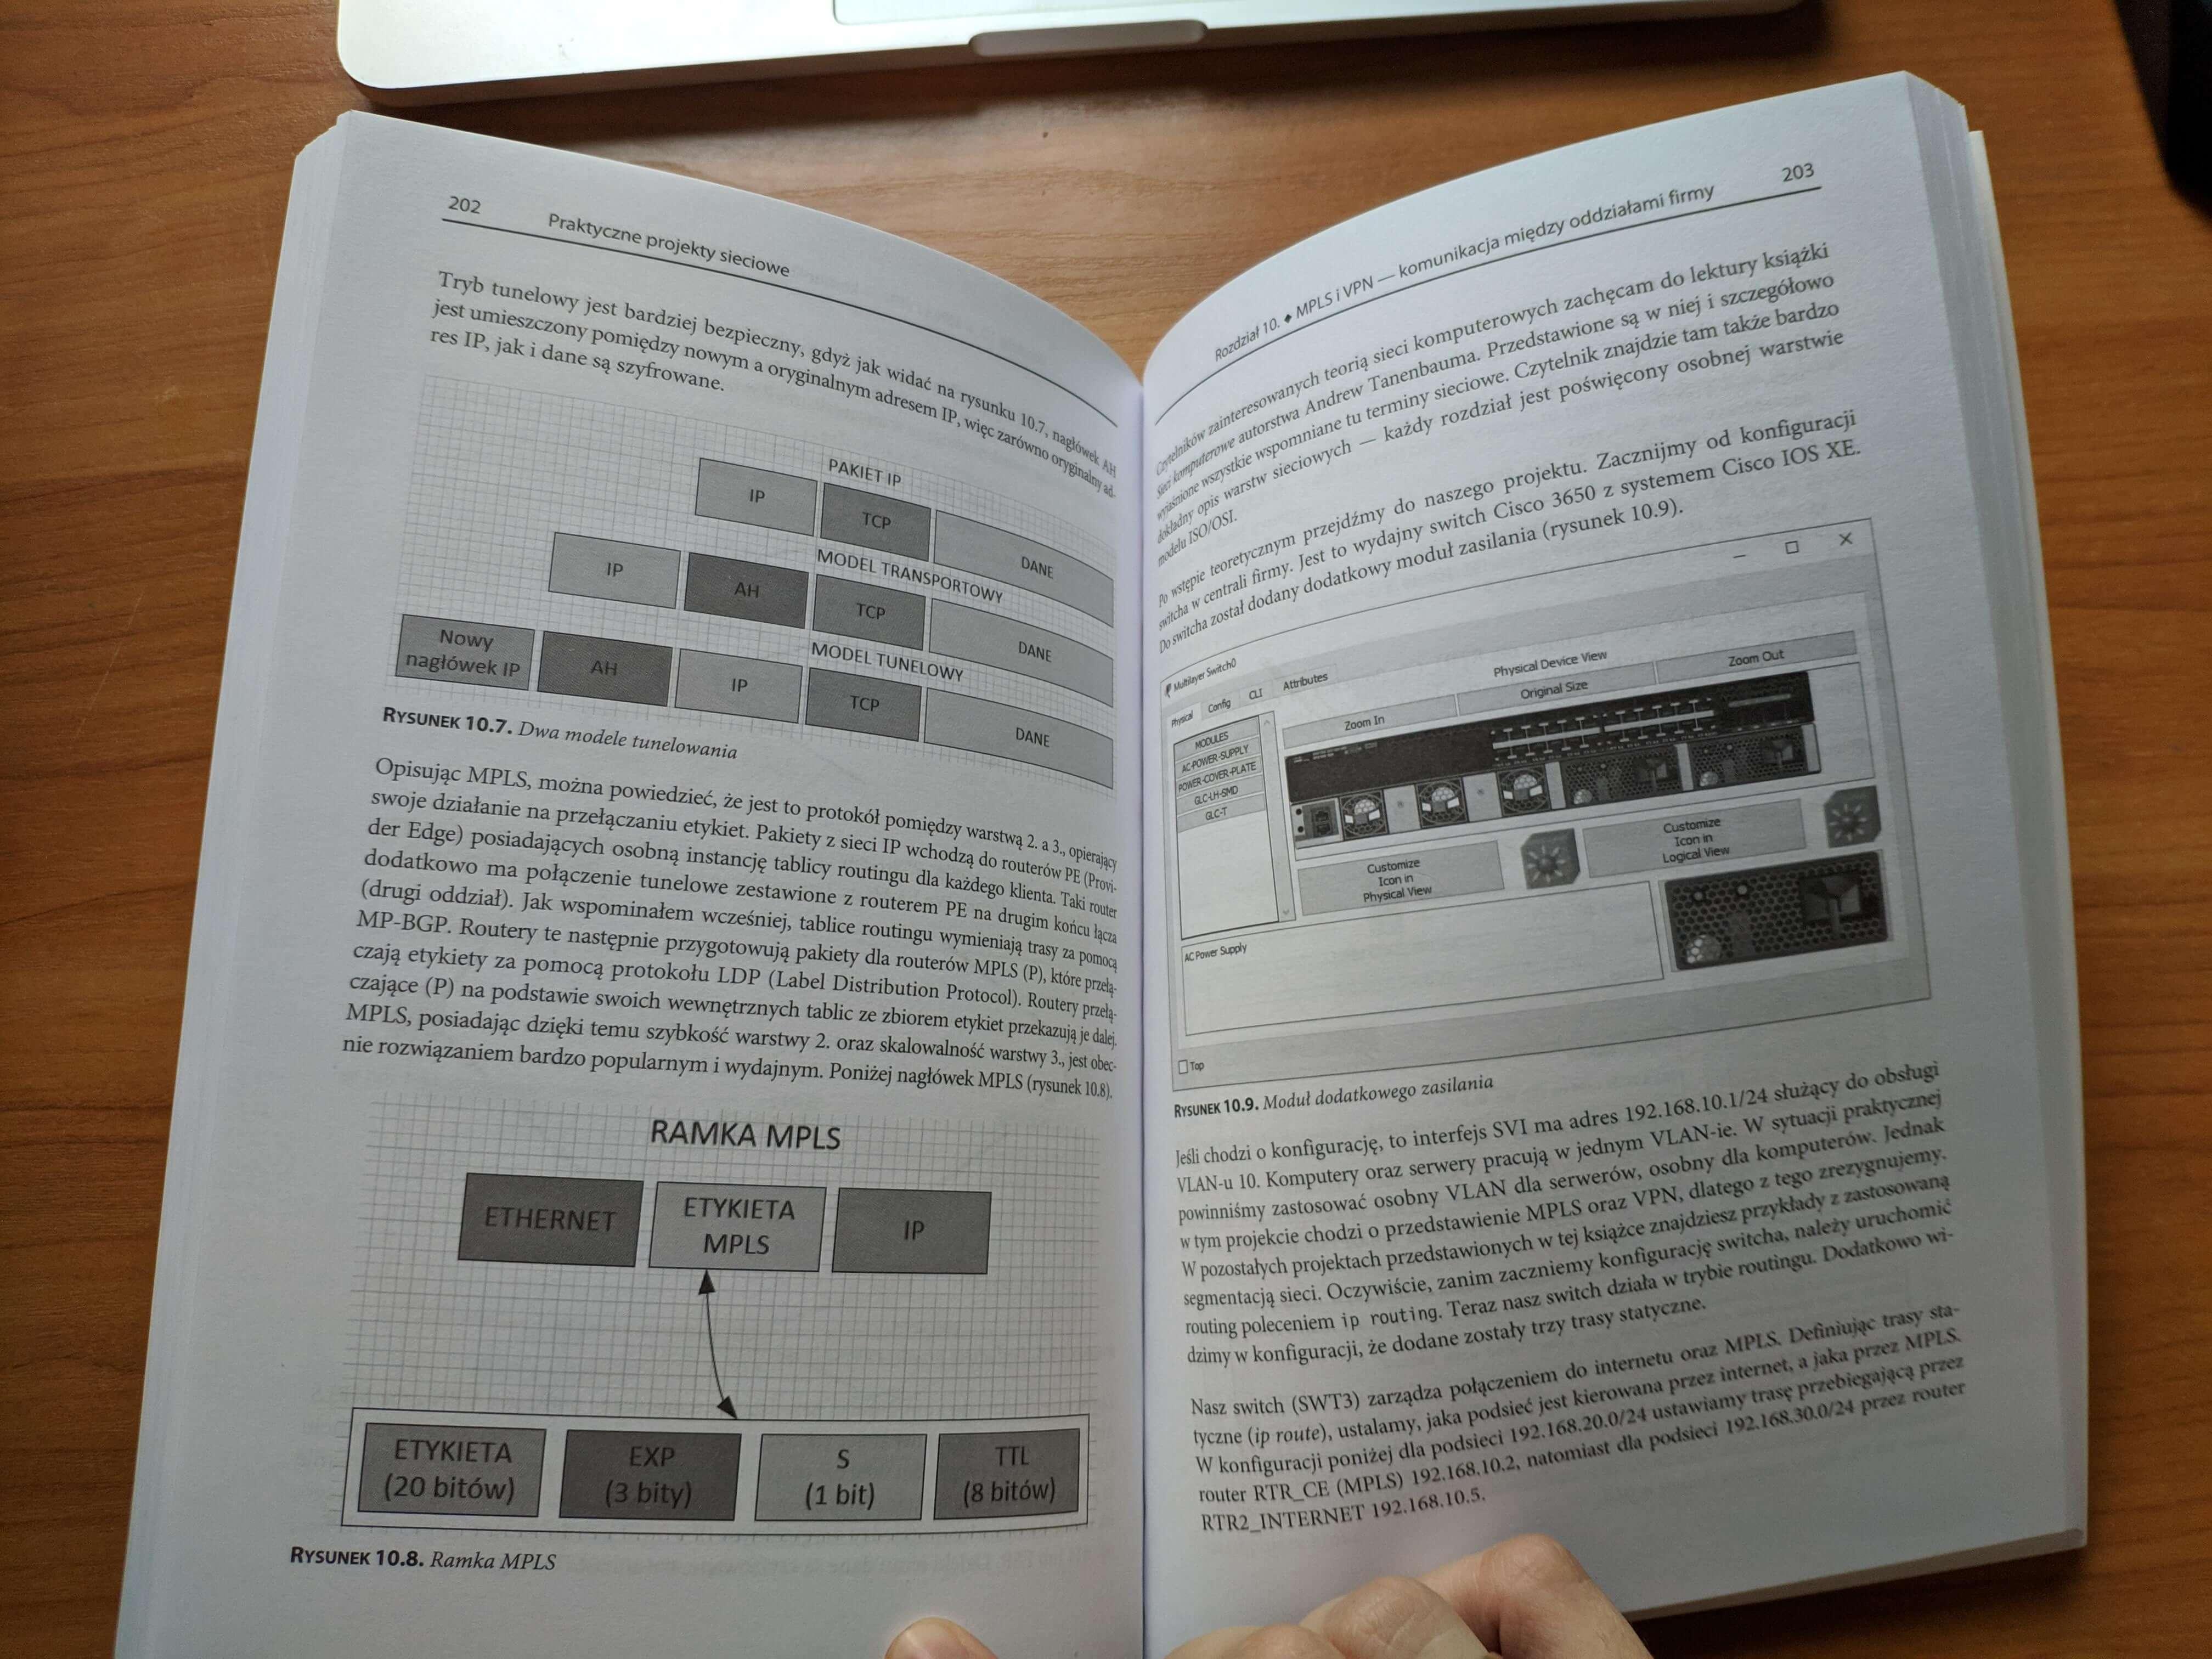 Praktyczne projekty sieciowe ramka mpls